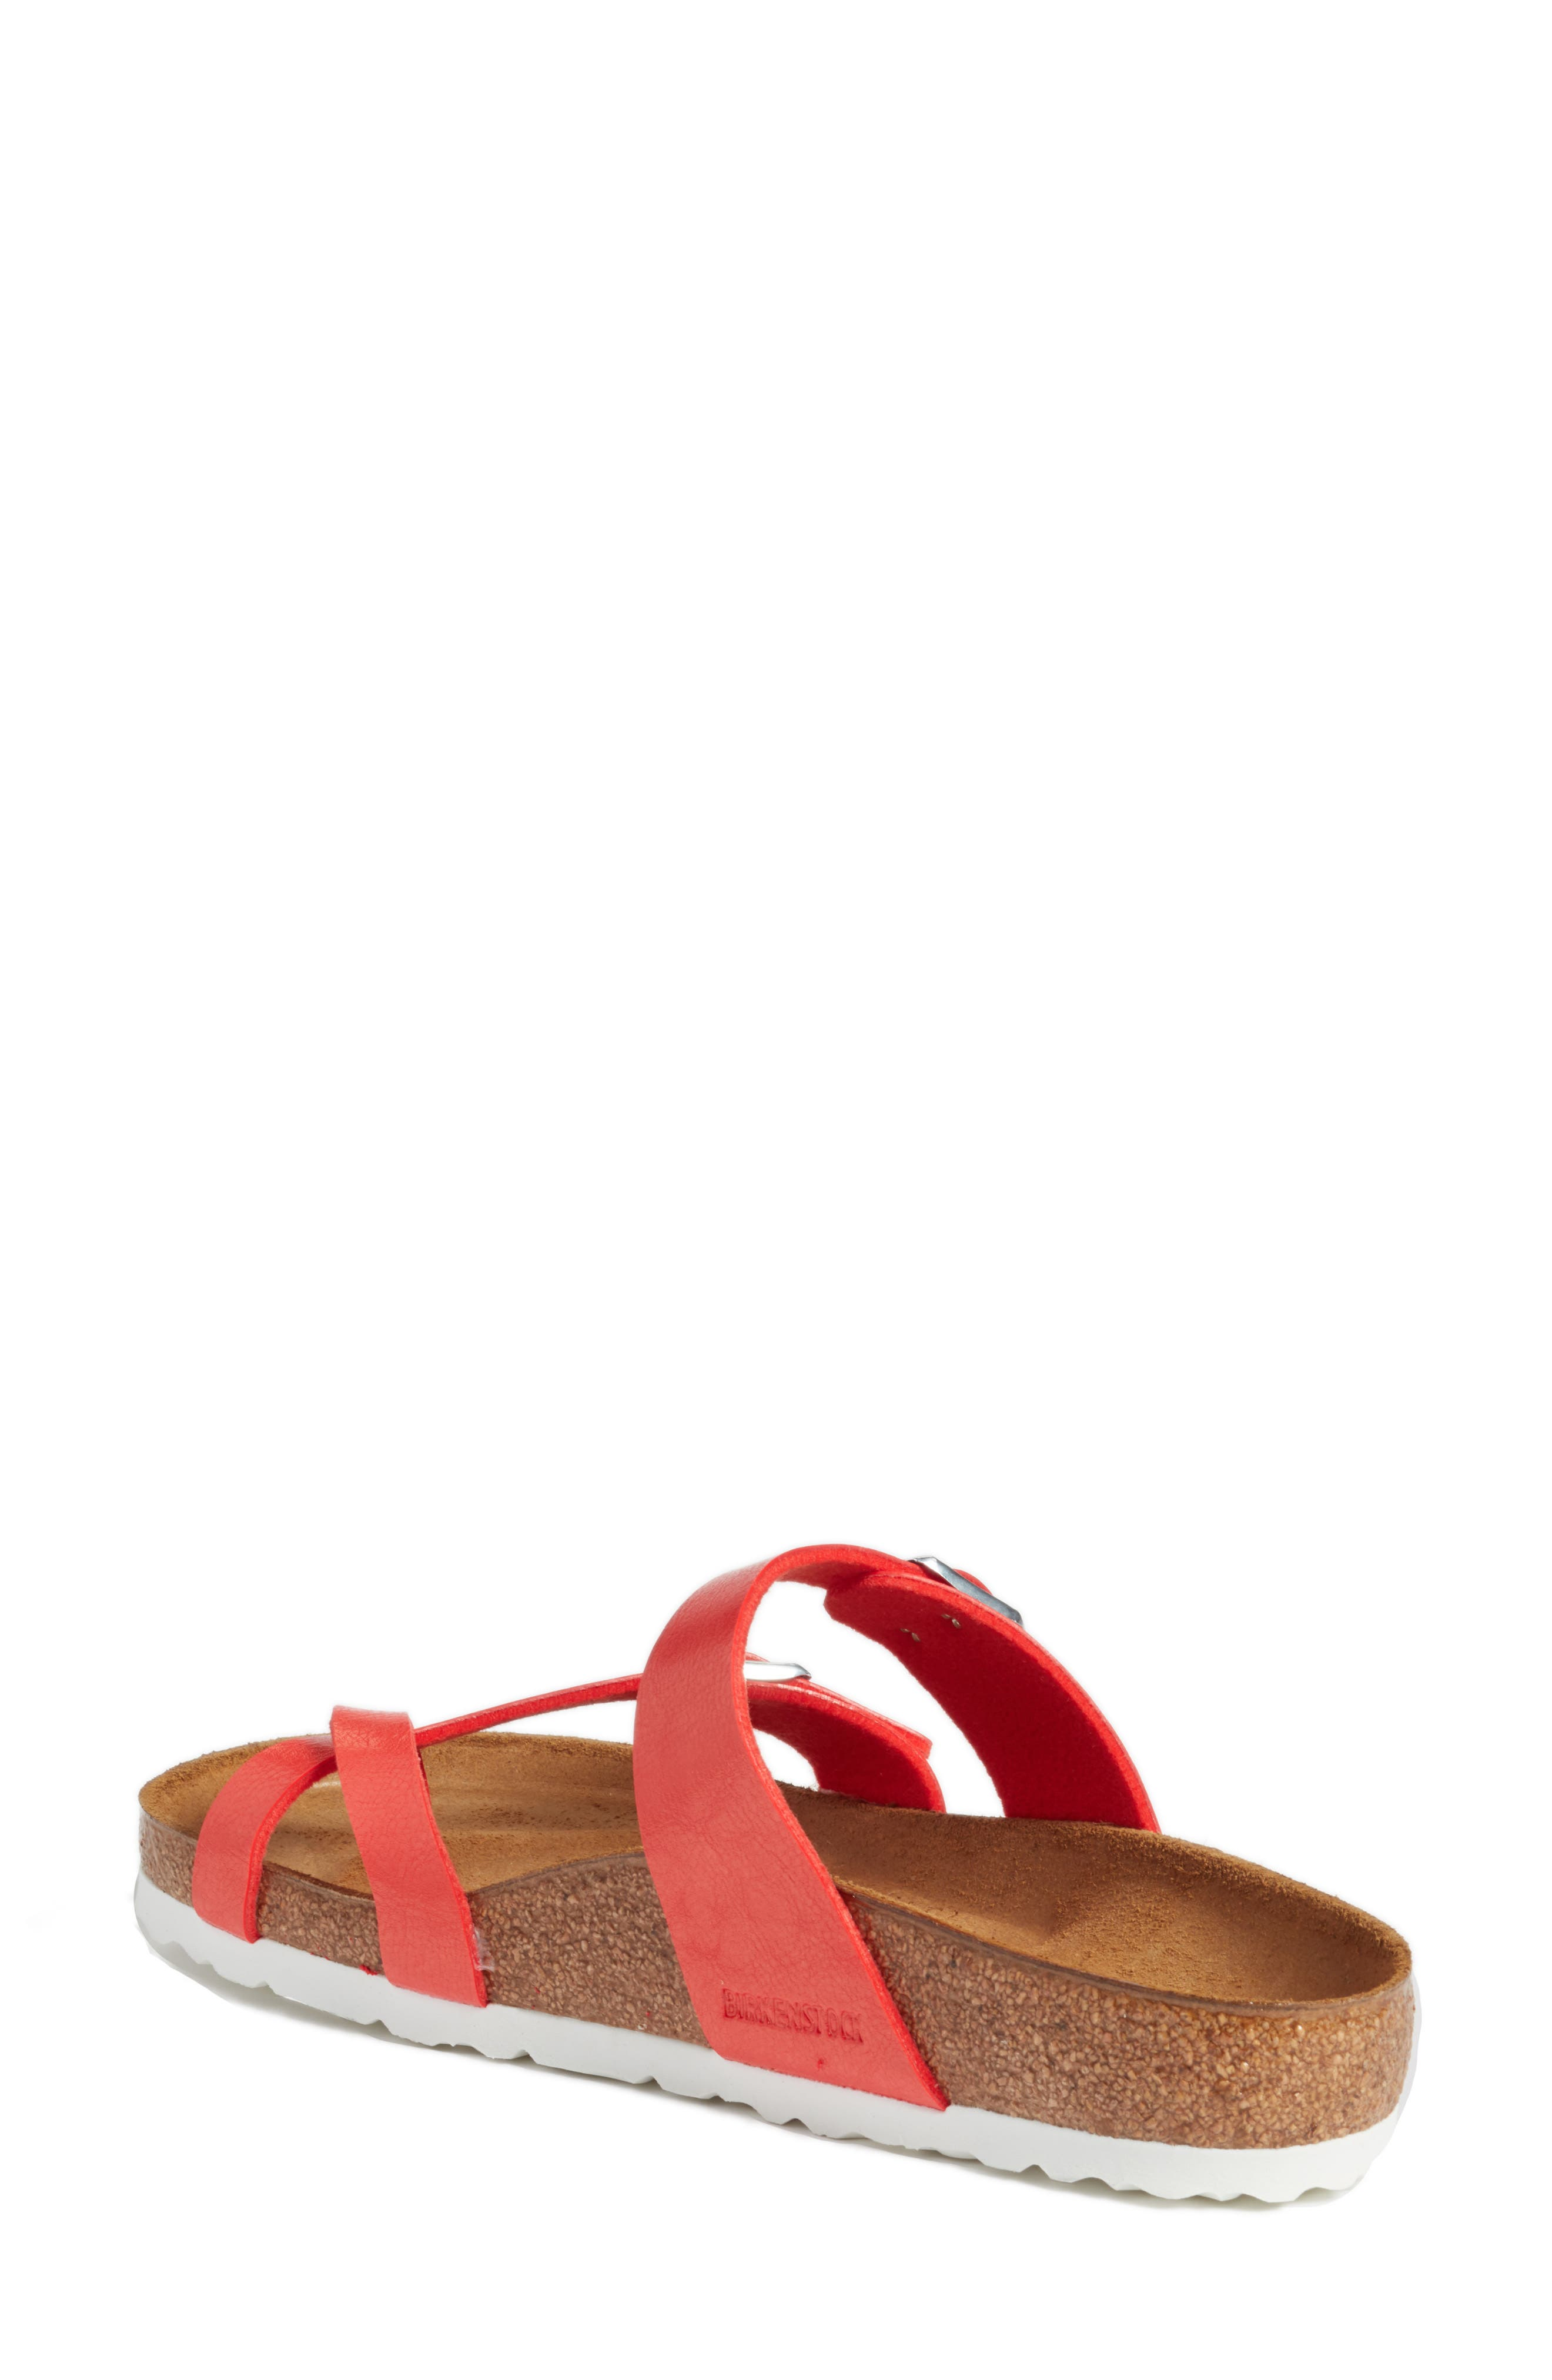 'Mayari' Birko-Flor<sup>™</sup> Sandal,                             Alternate thumbnail 37, color,